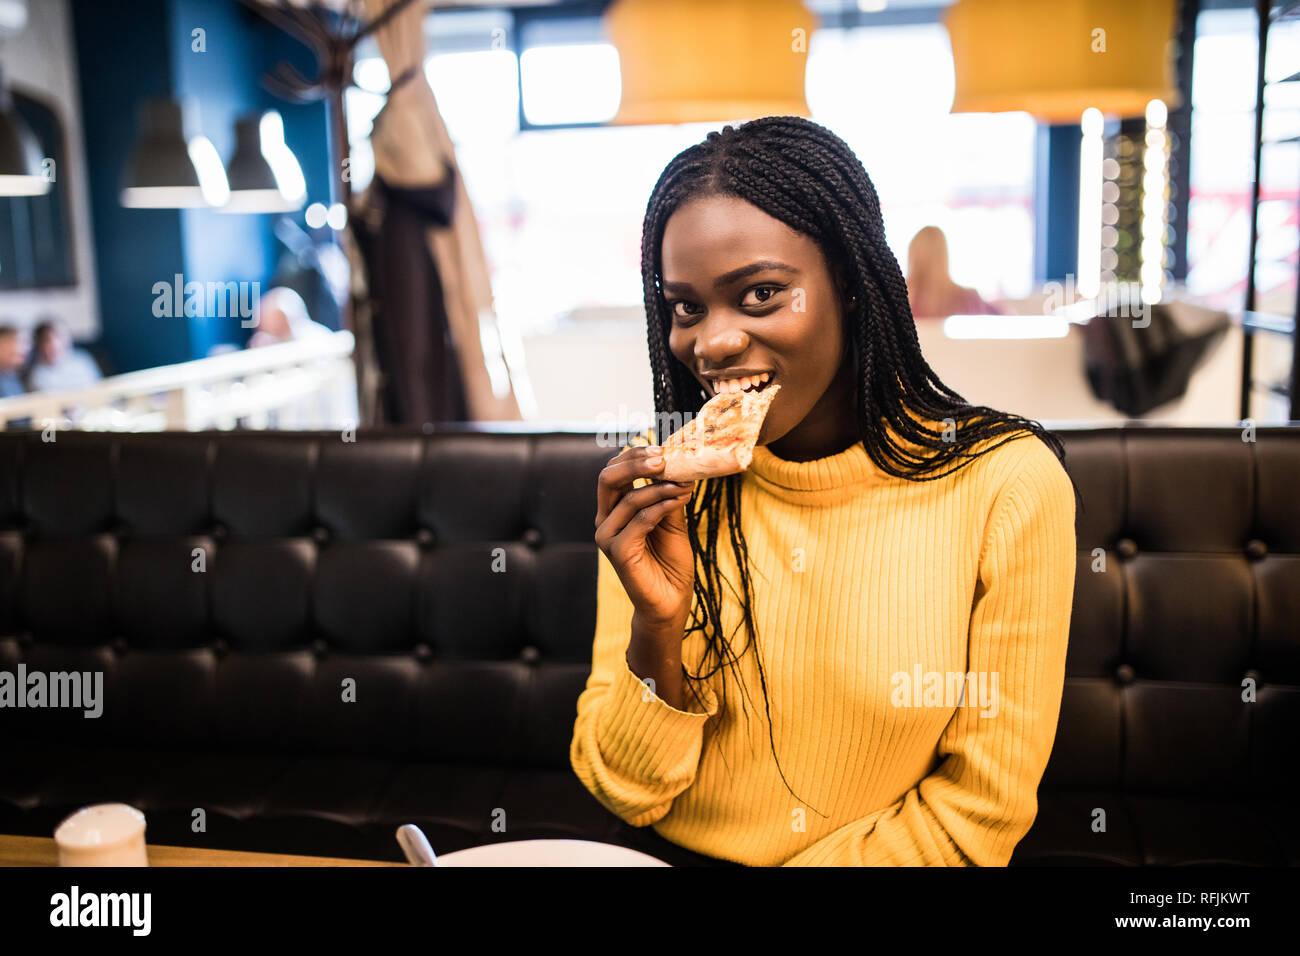 Junge afrikanische amerikanische Frau essen Pizza im Cafe Stockfoto